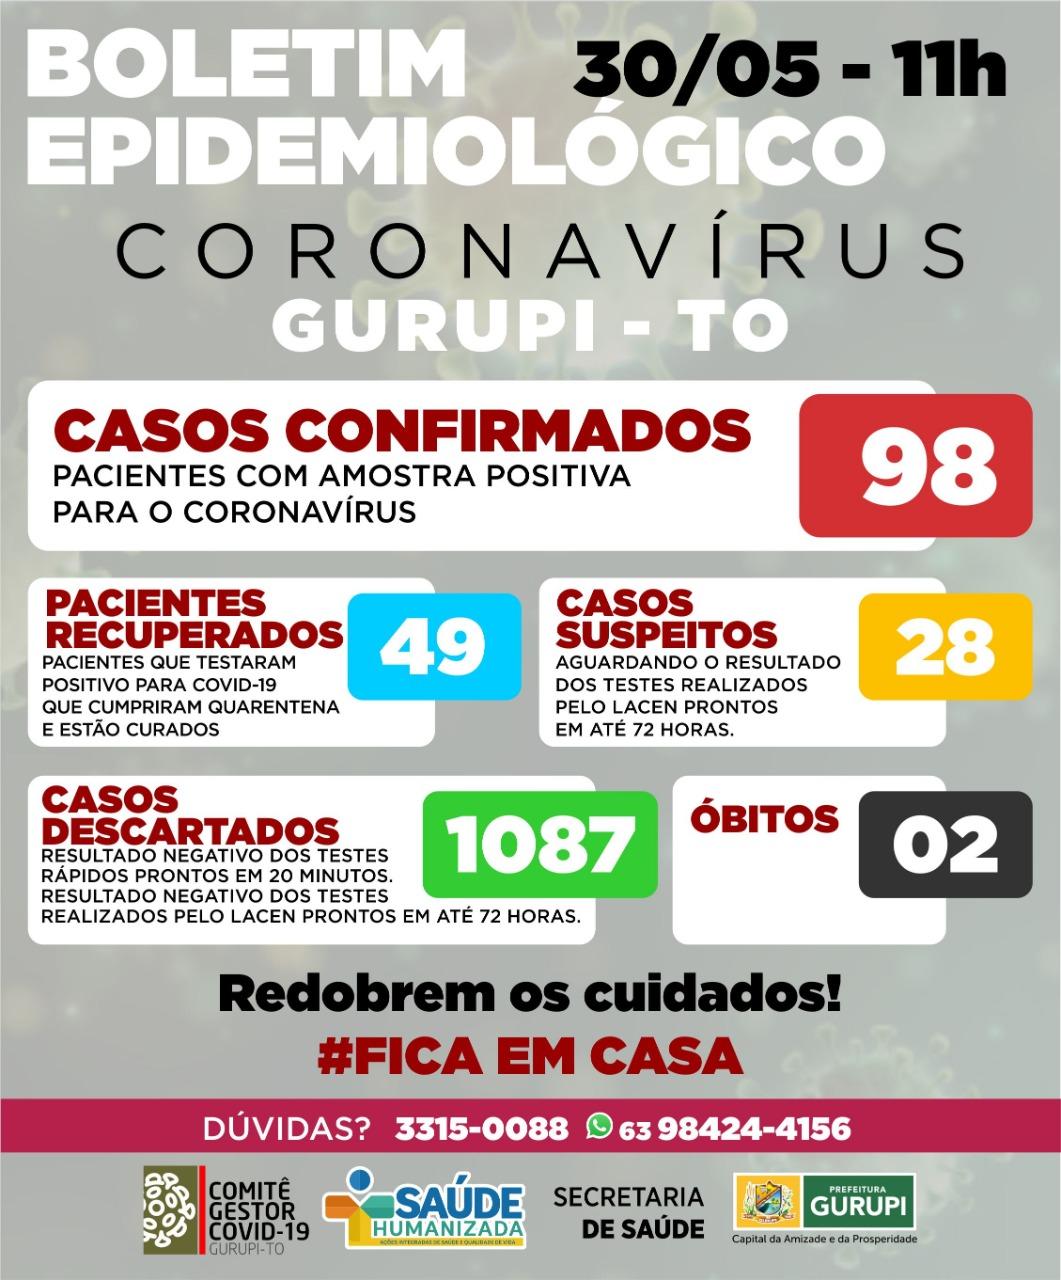 Gurupi tem 4 novos casos de Covid-19; confira boletim epidemiológico